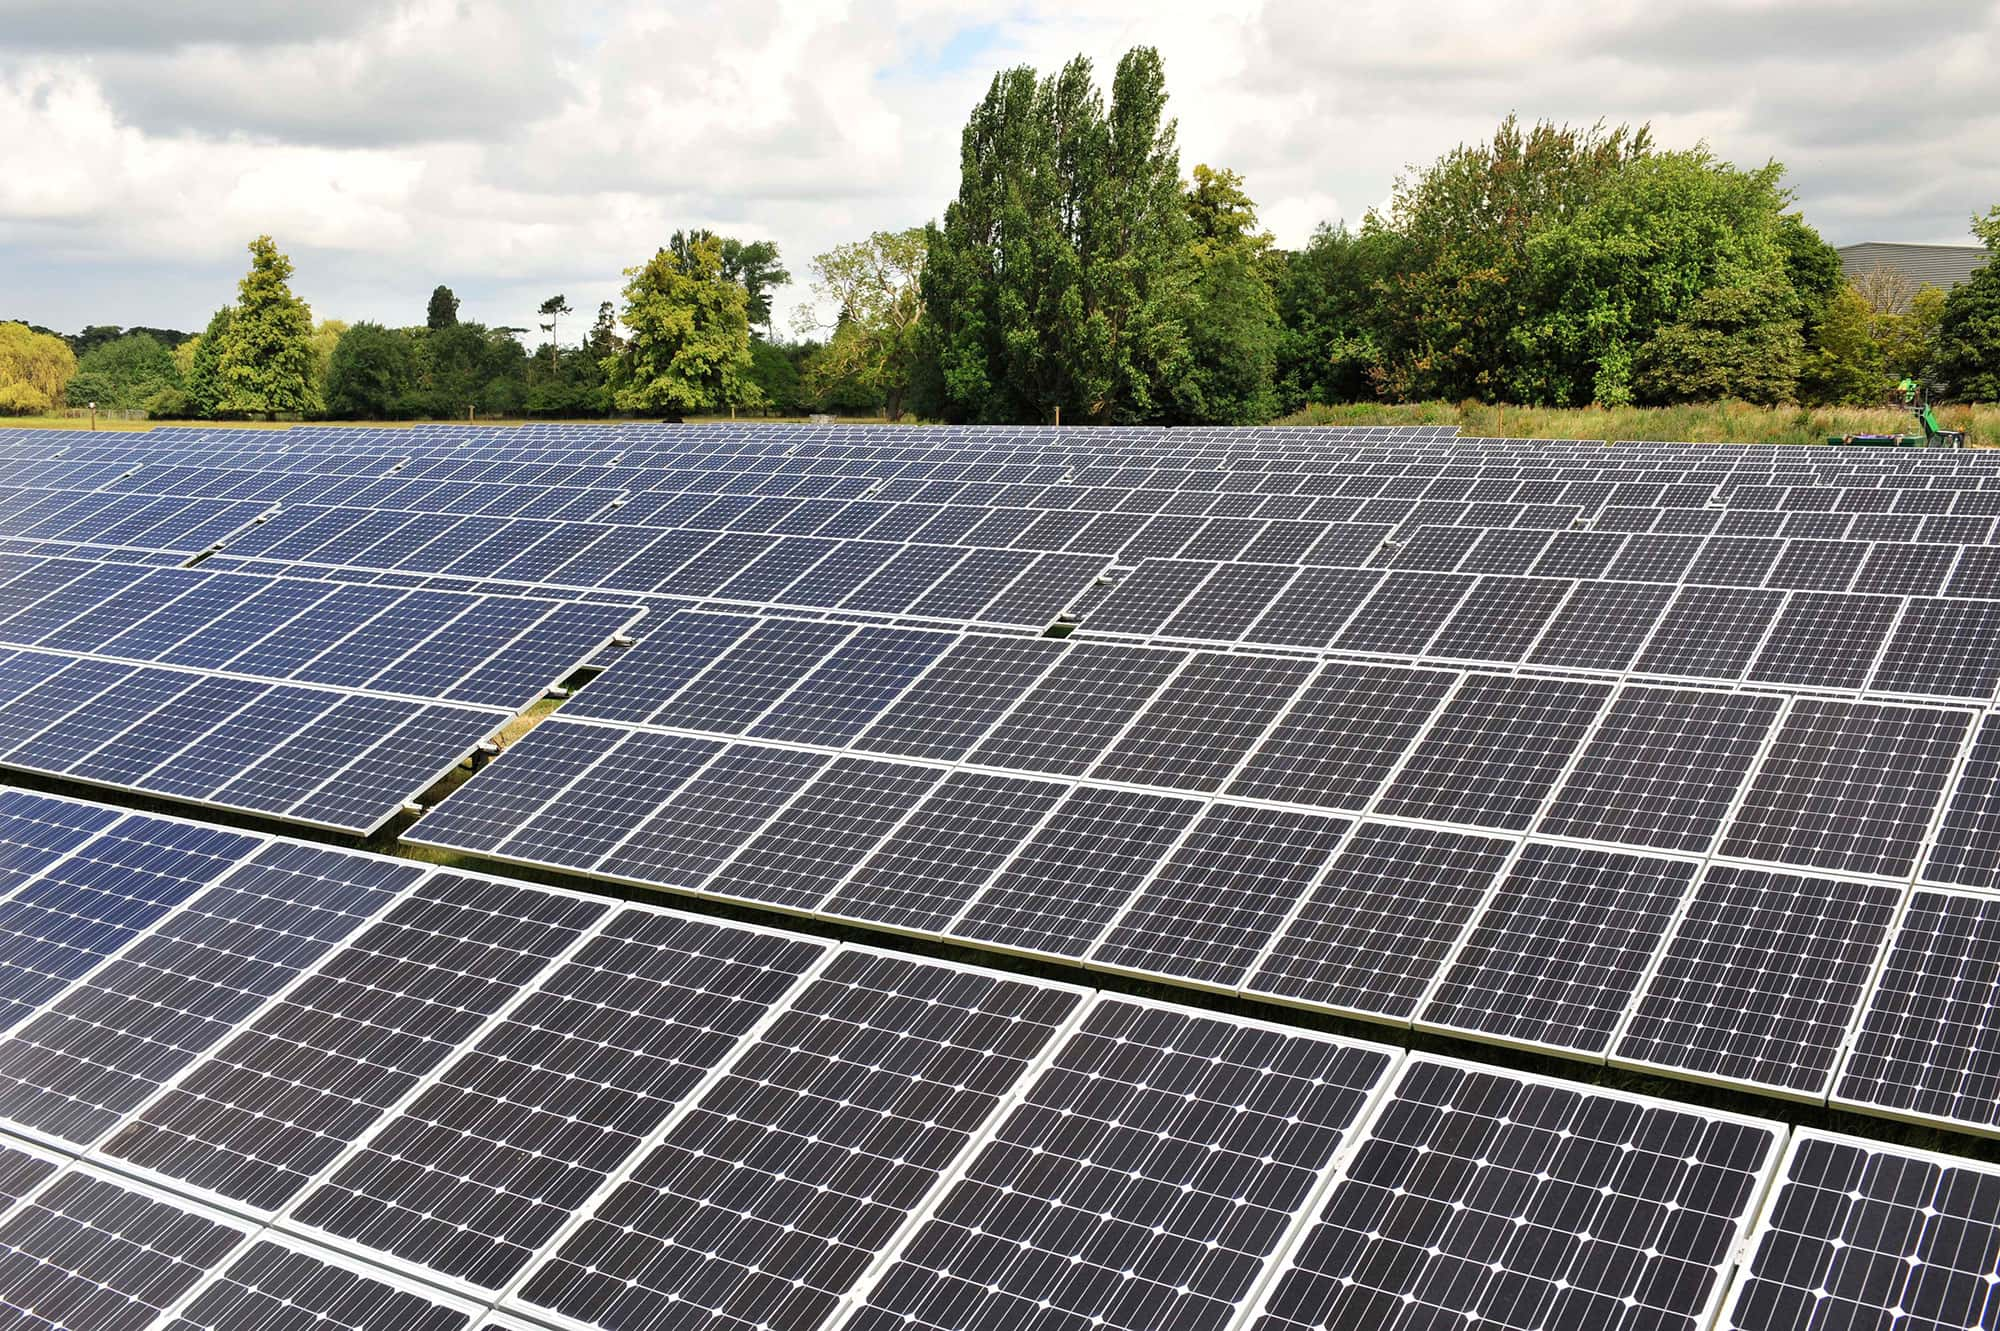 Solar Park Howbery Business Park Oxford Oxfordshire